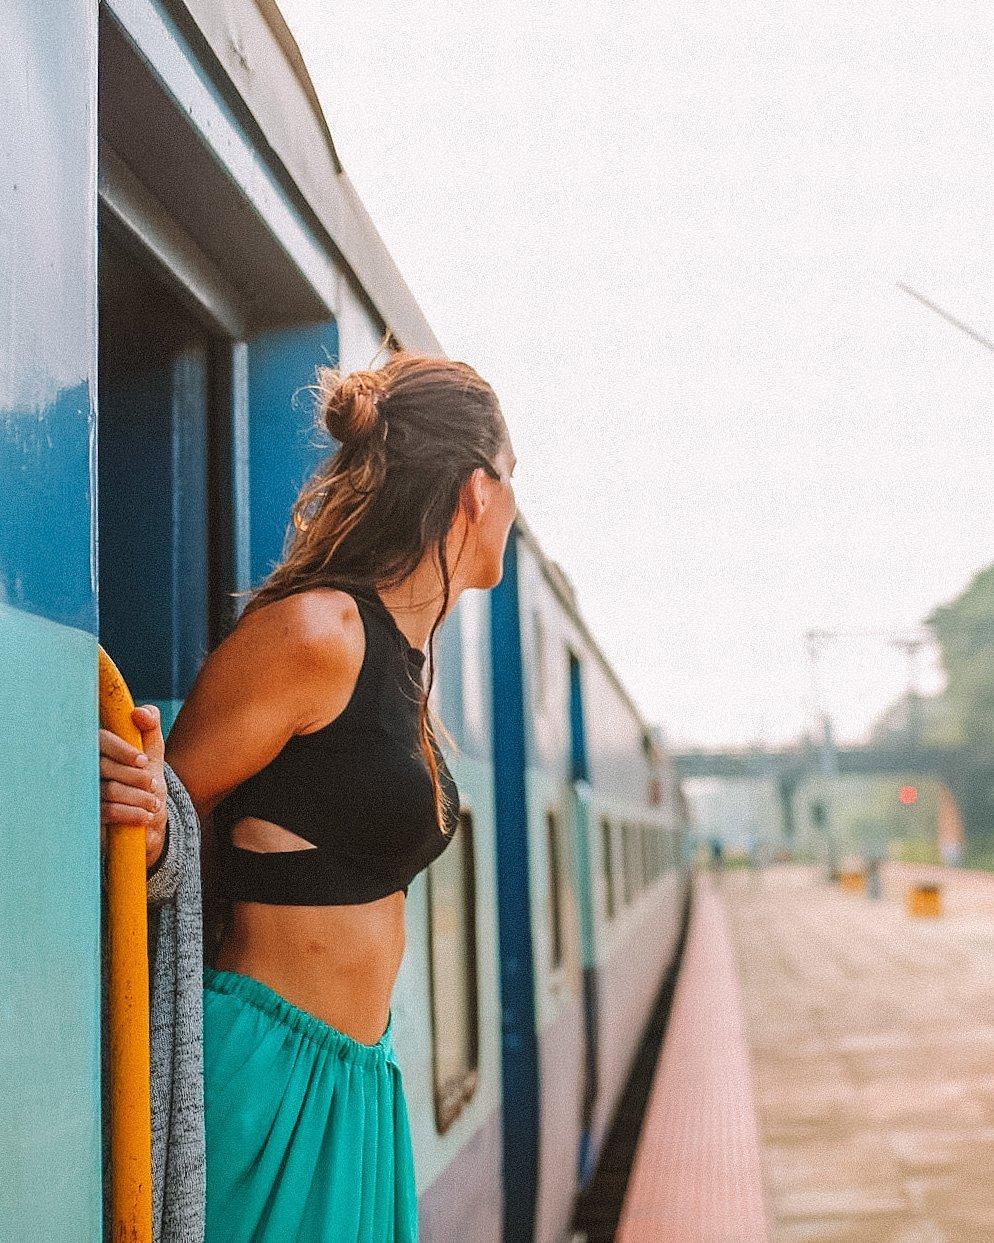 kerala train